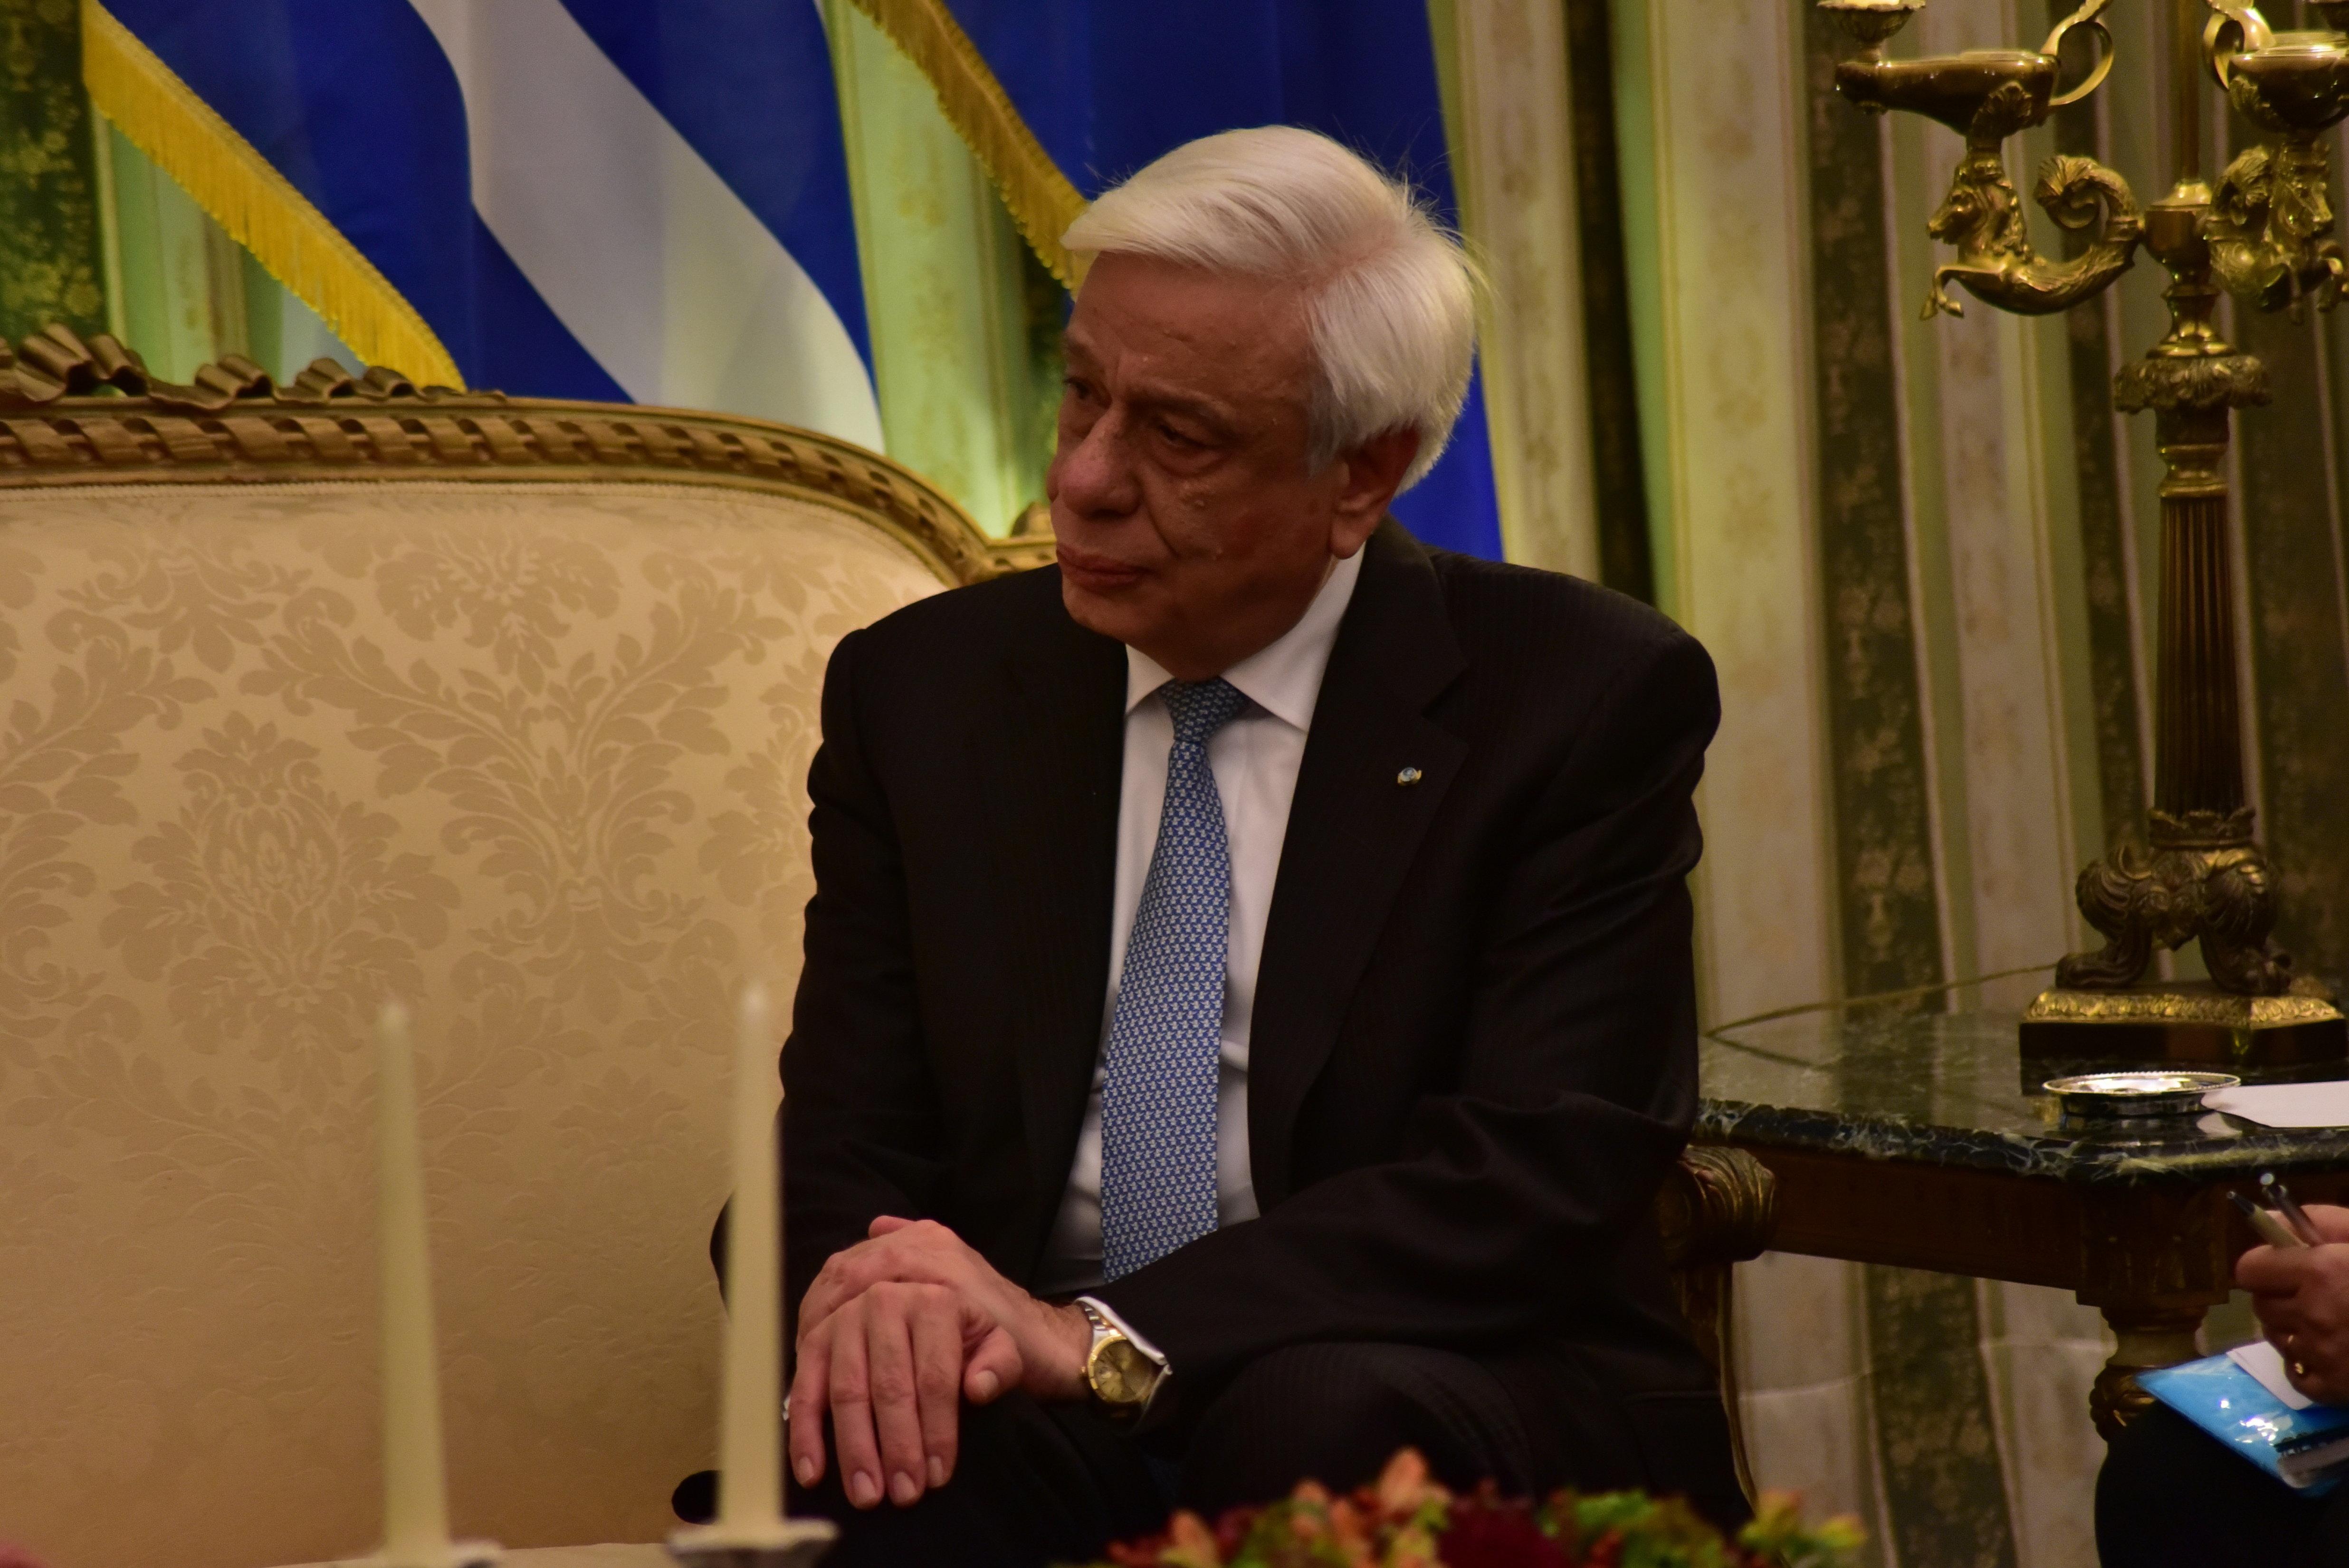 Παυλόπουλος: Η συνθήκη της Λωζάνης δεν αναθεωρείται και δεν